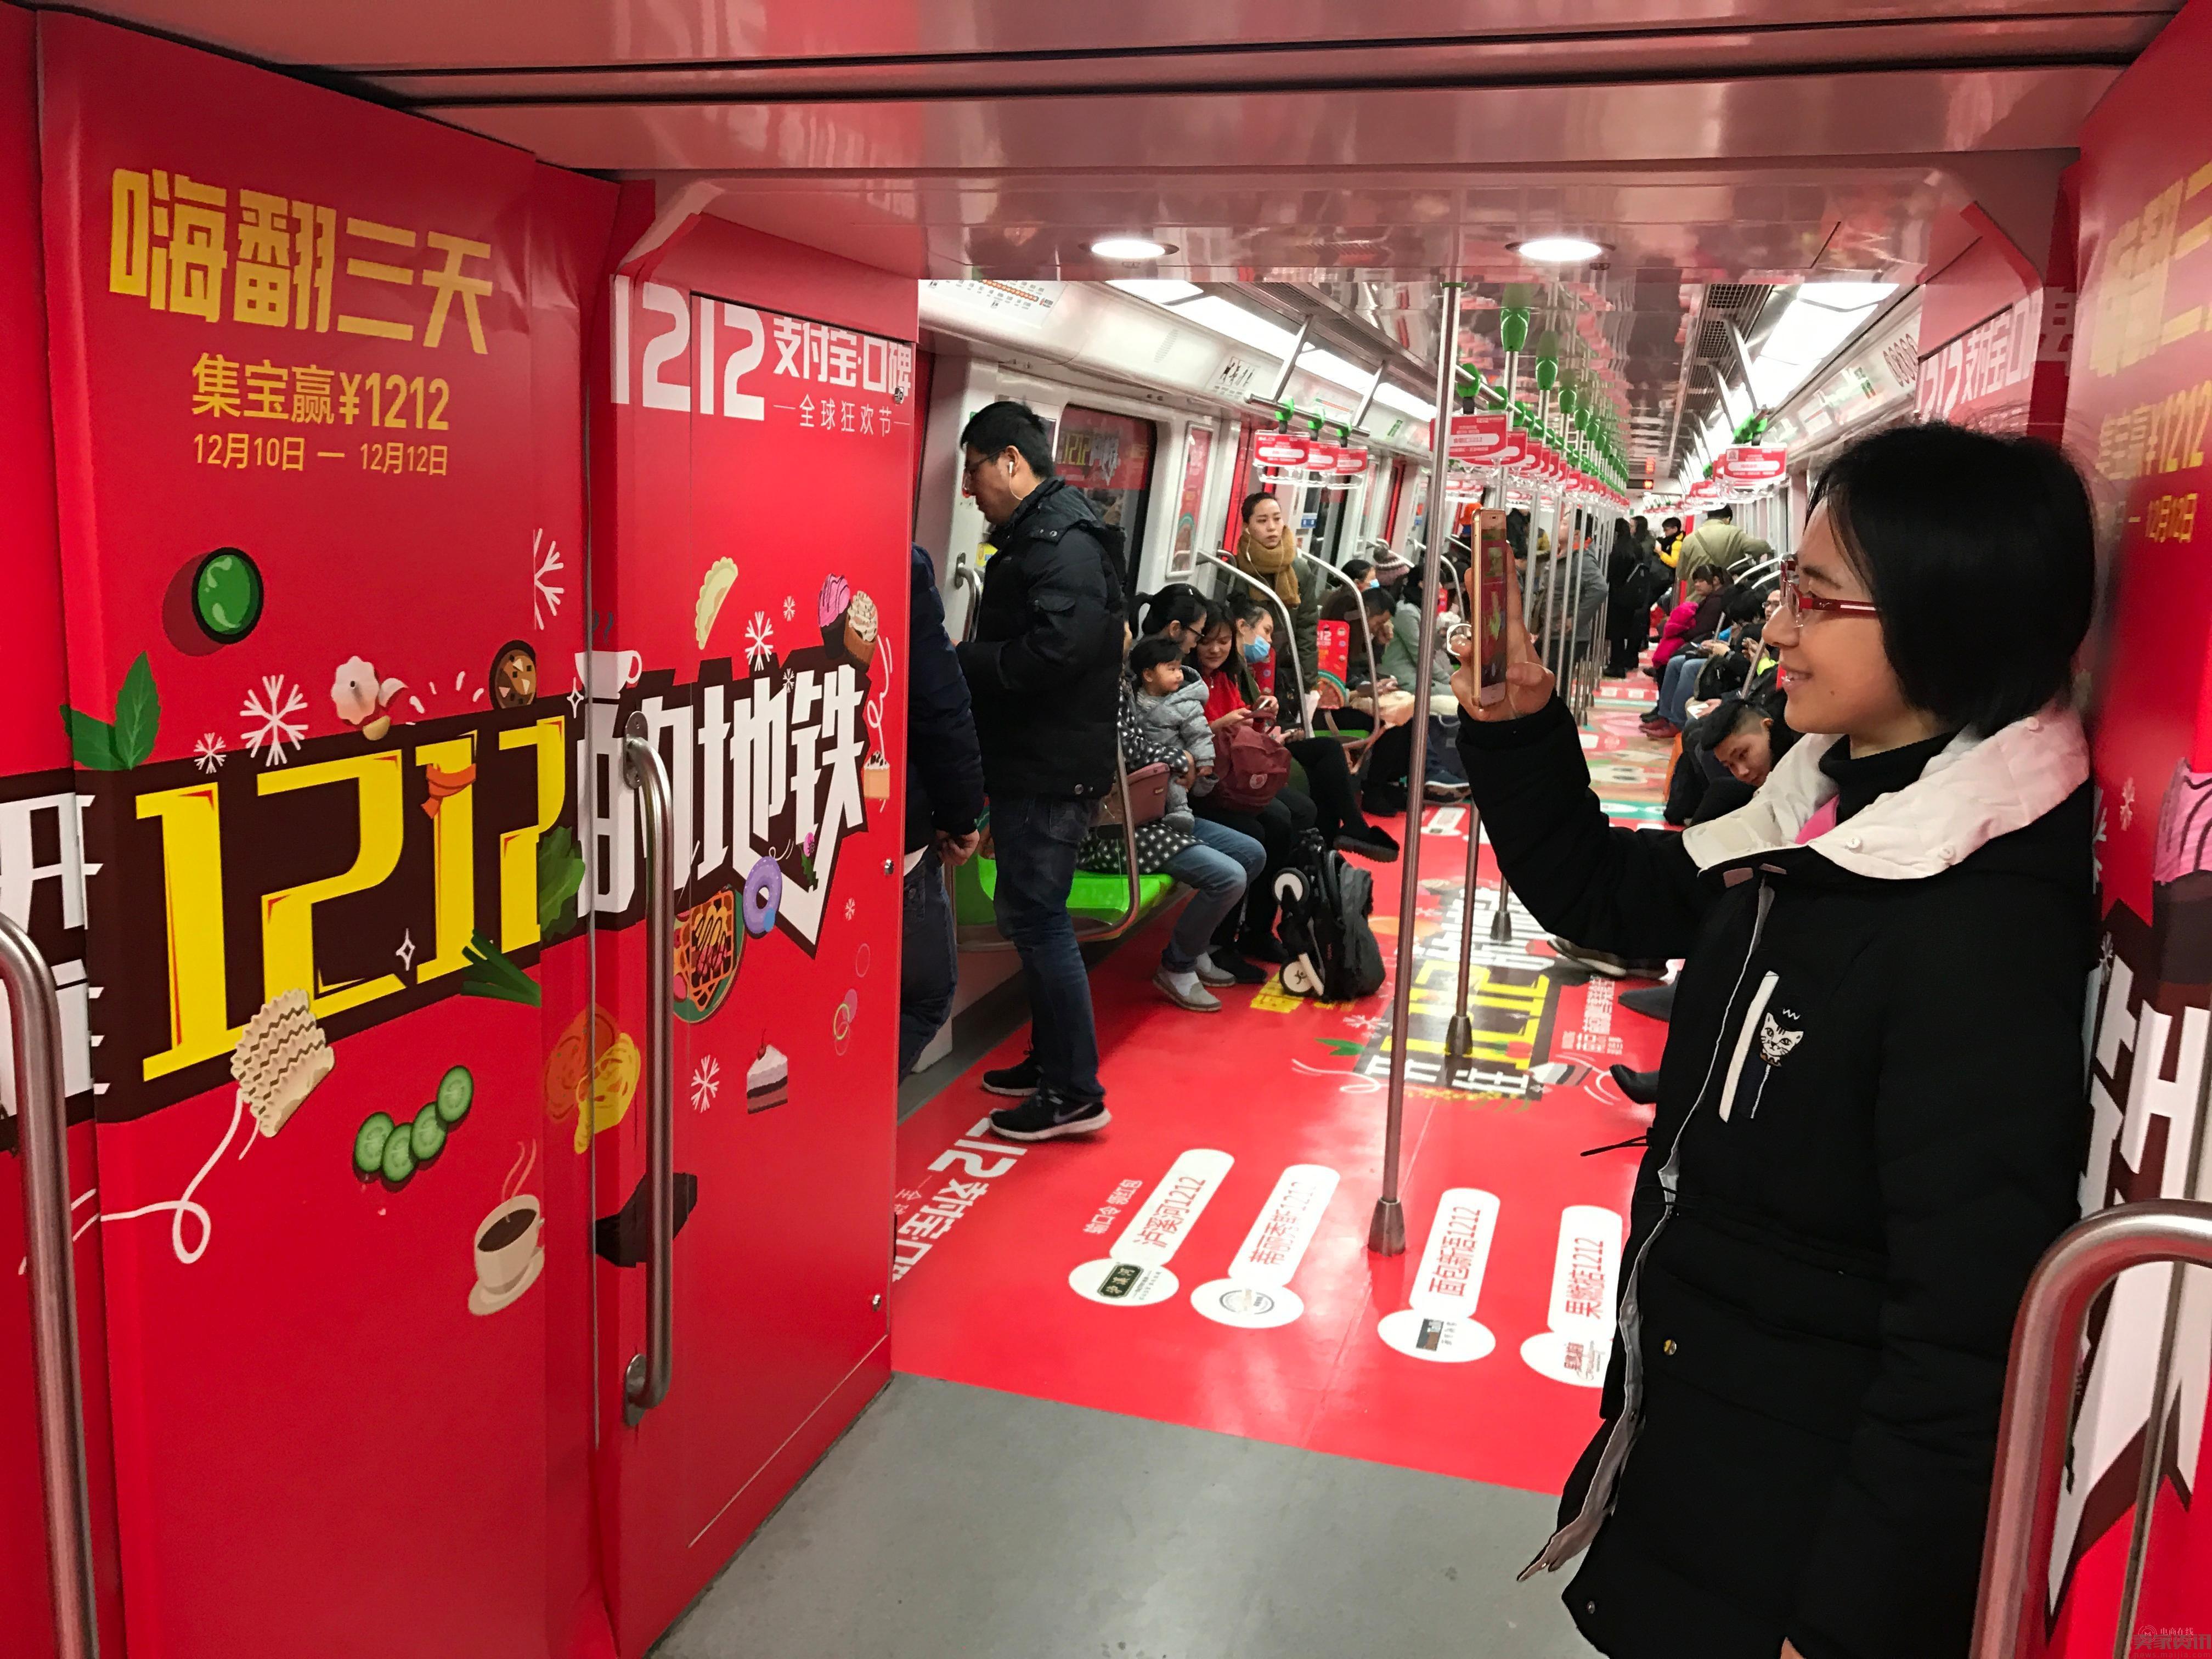 双12预热:支付宝包下整列地铁发红包